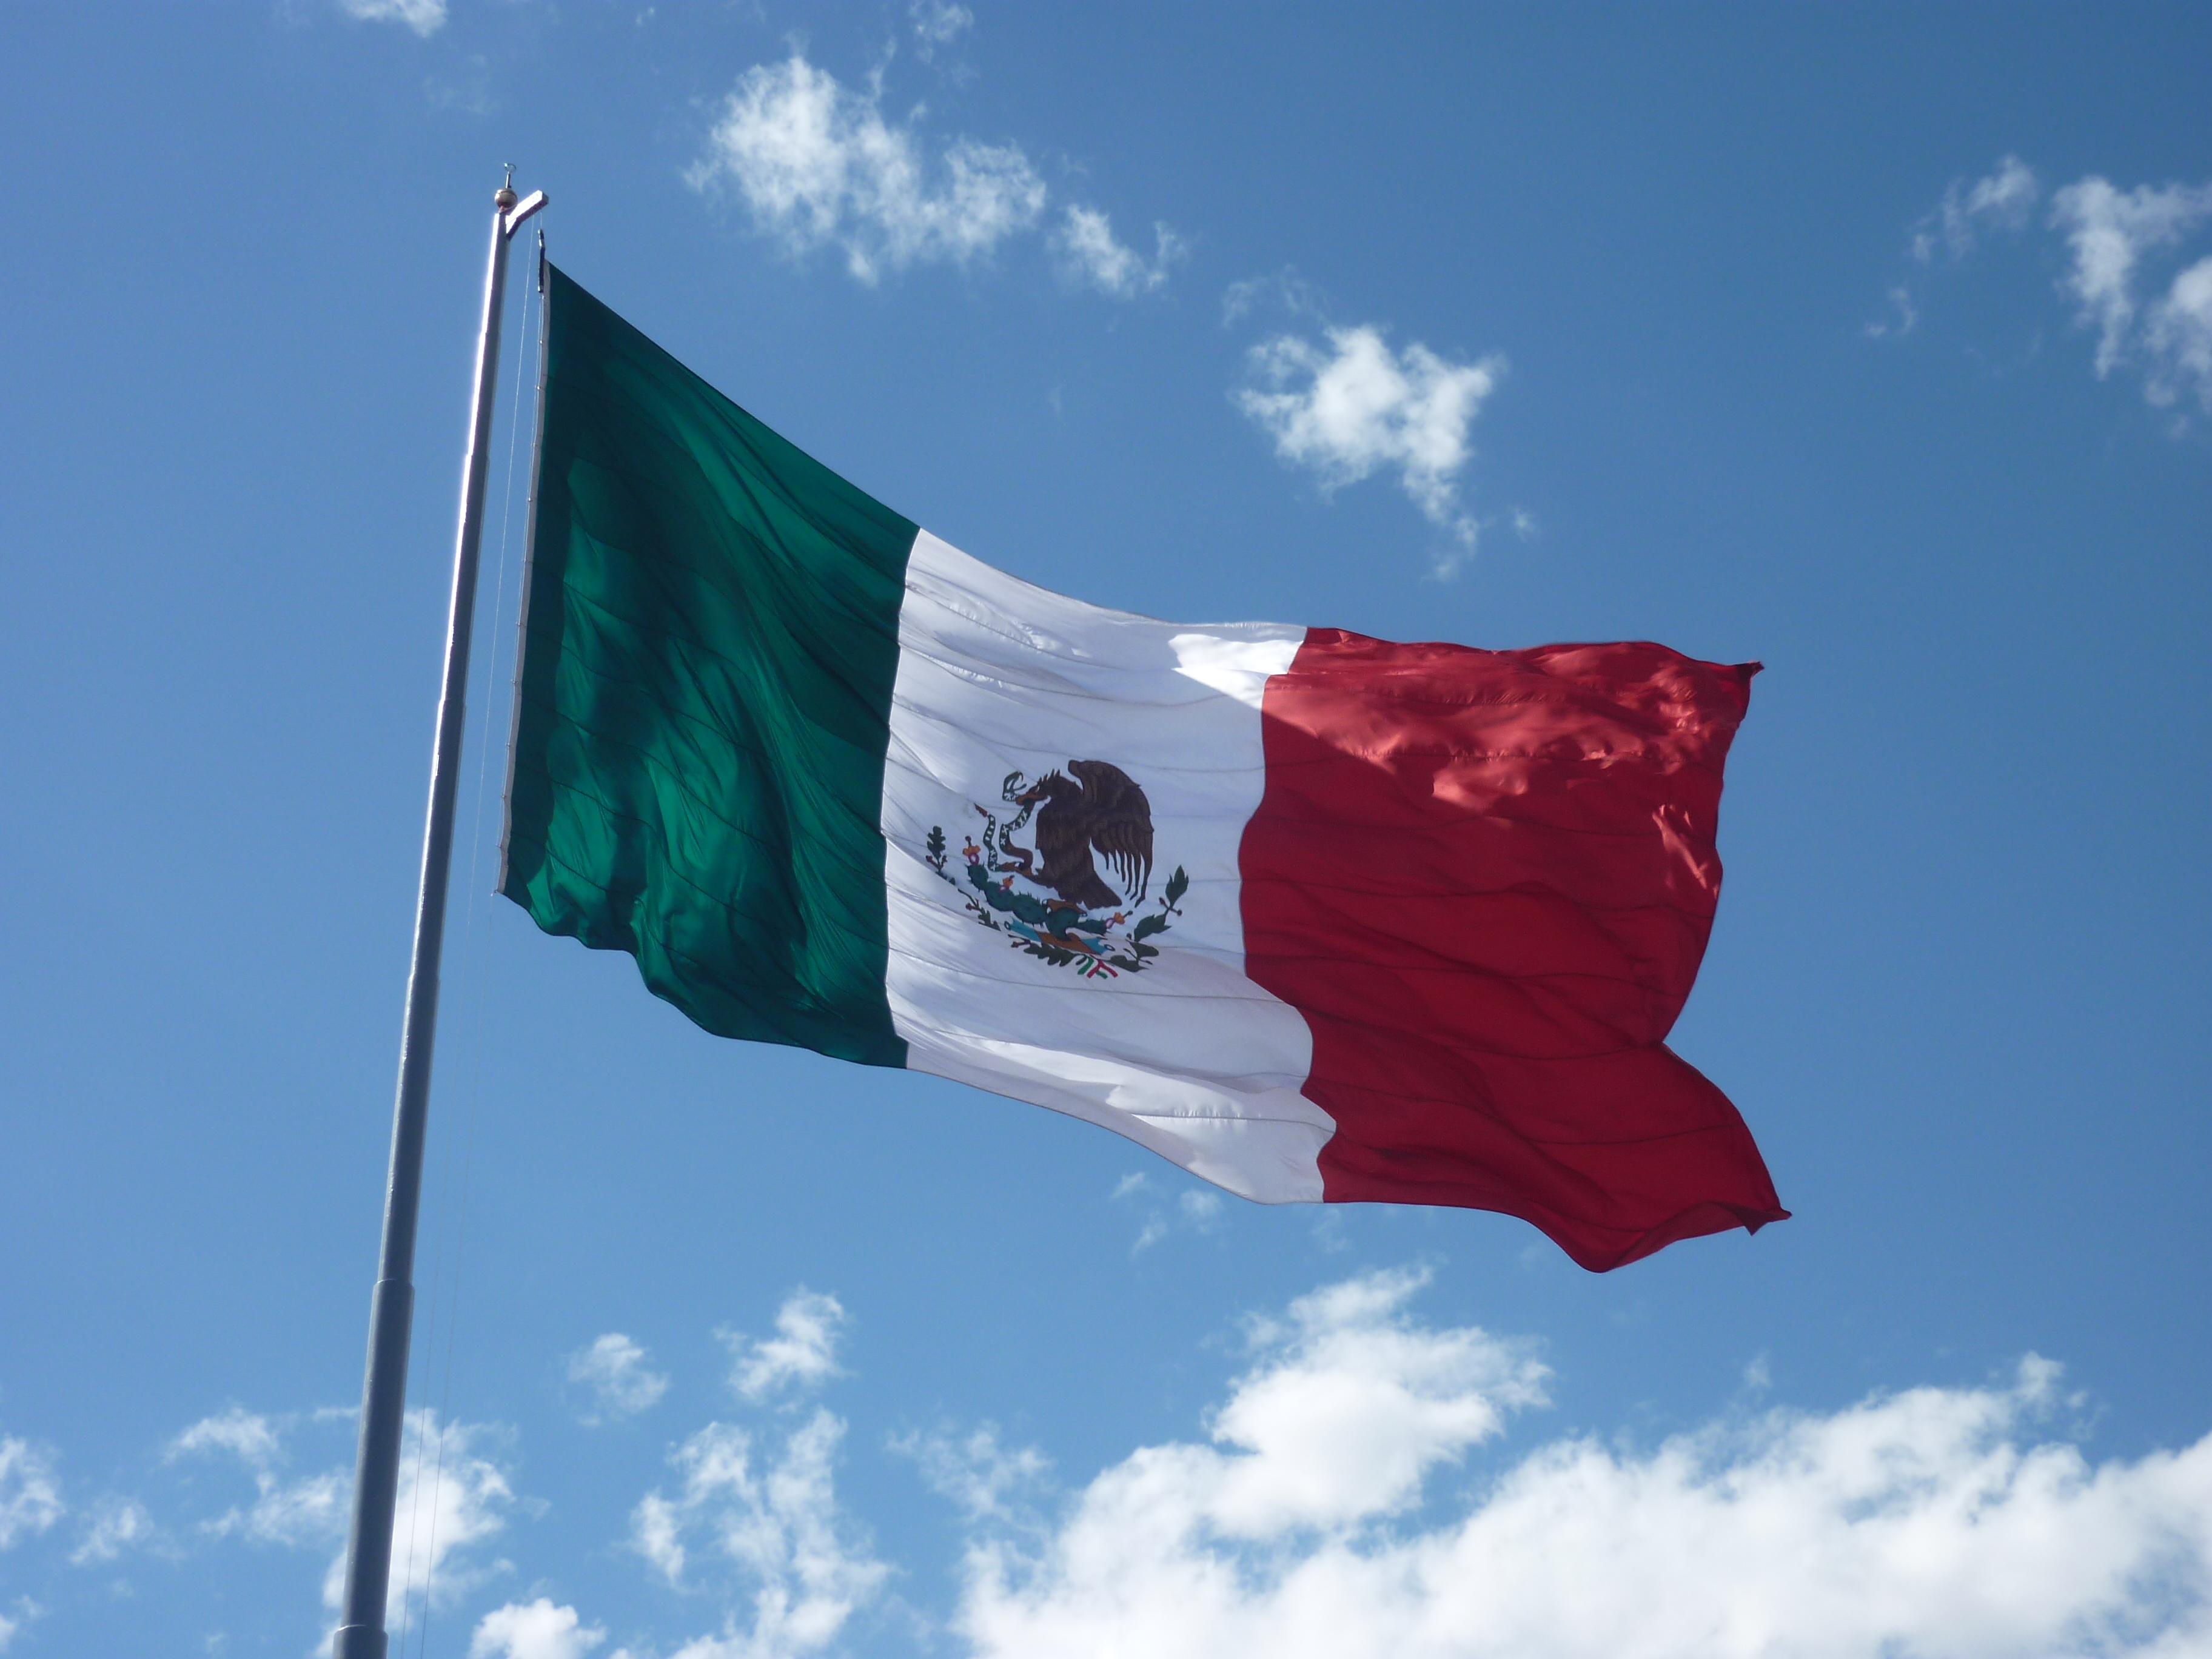 Imagenes De La Bandera Mexicana File Bandera Mexicana Jpg